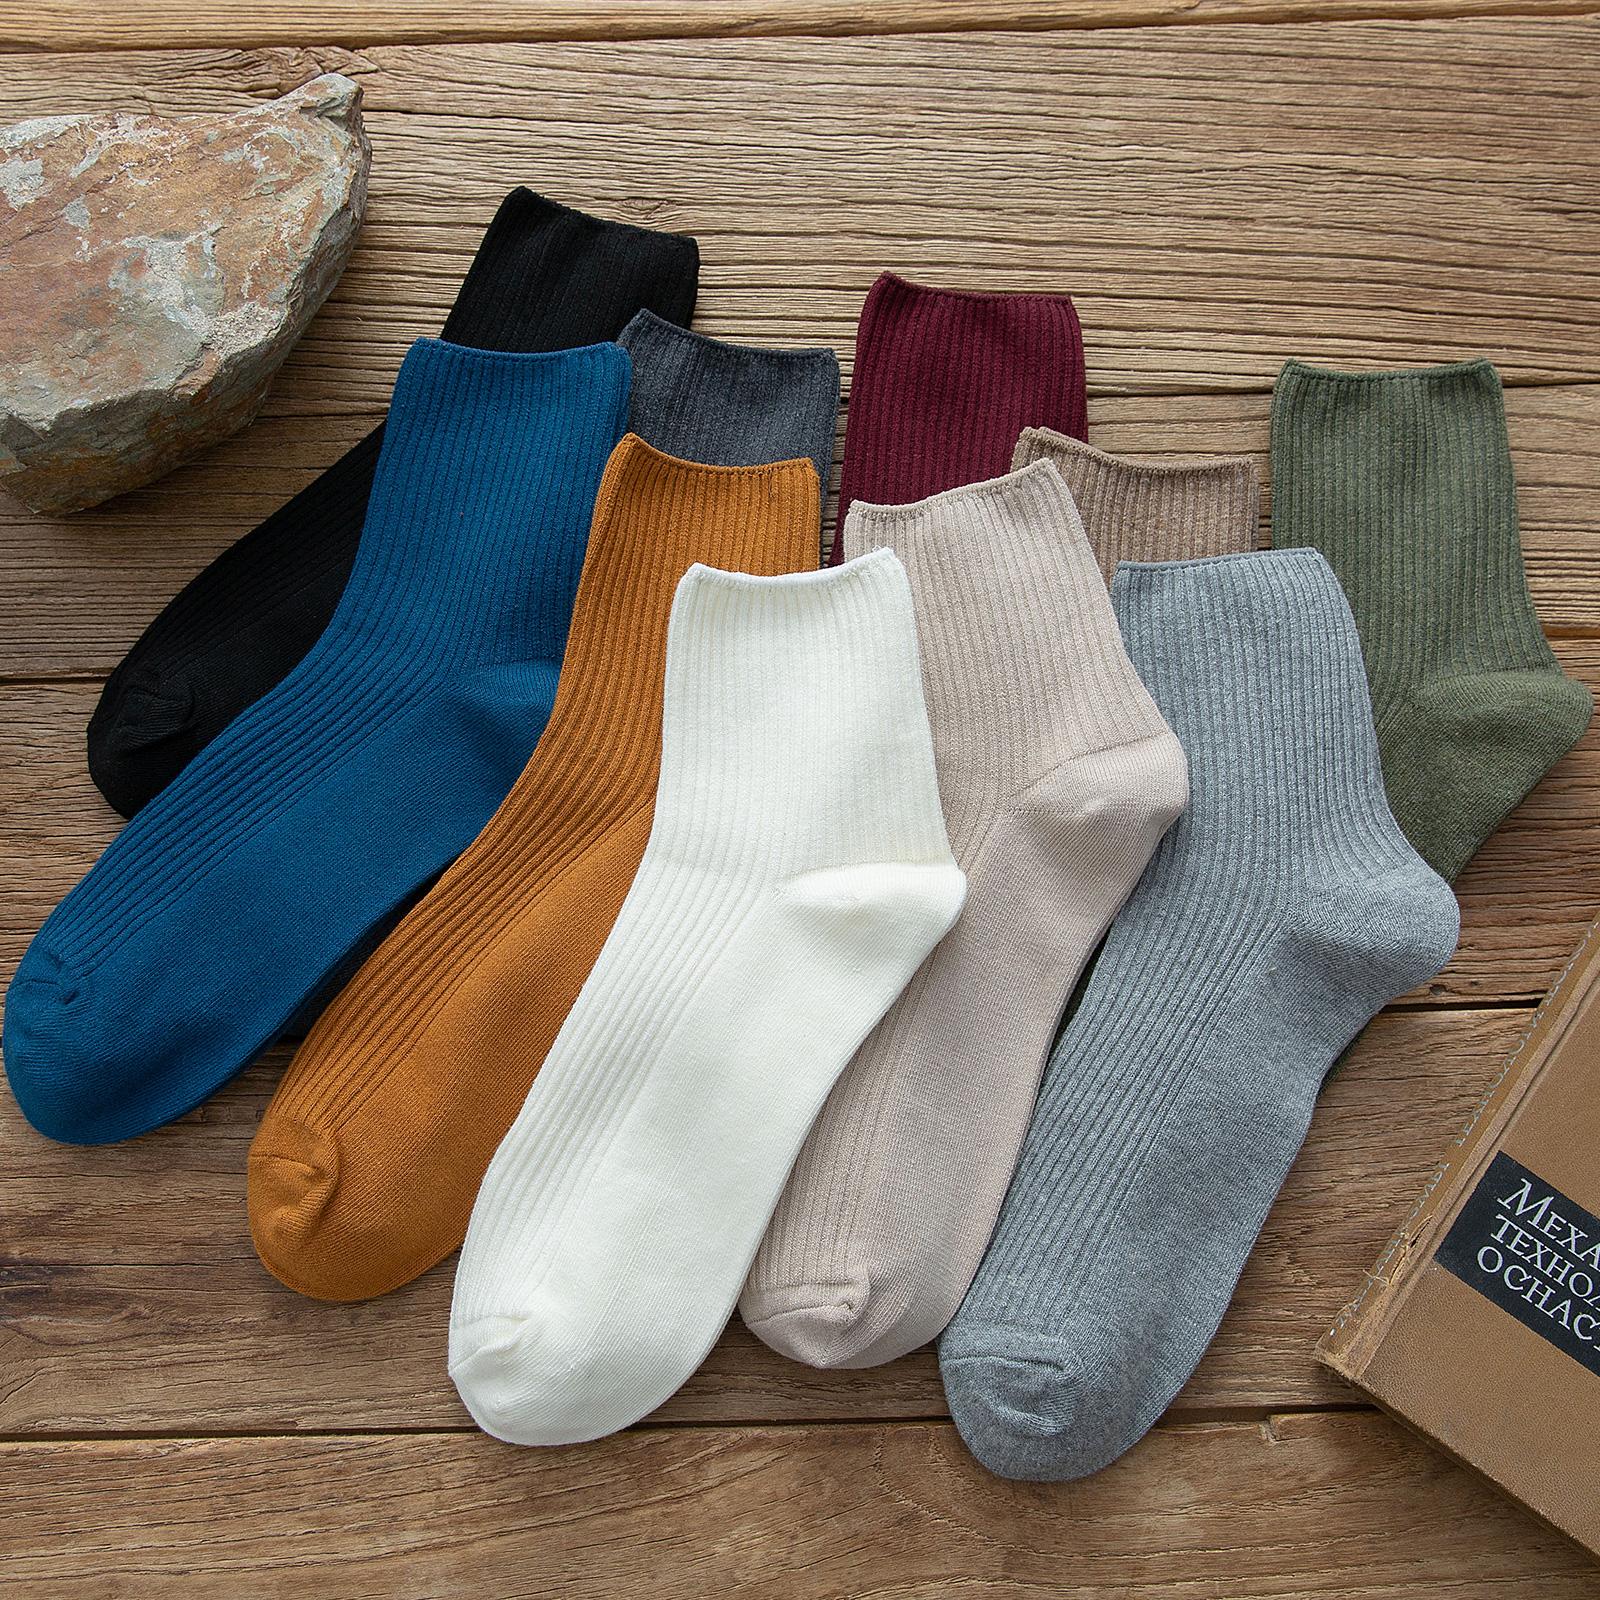 纯色高帮袜子男士中筒袜ins潮百搭纯棉春夏季长筒袜全棉防臭长袜